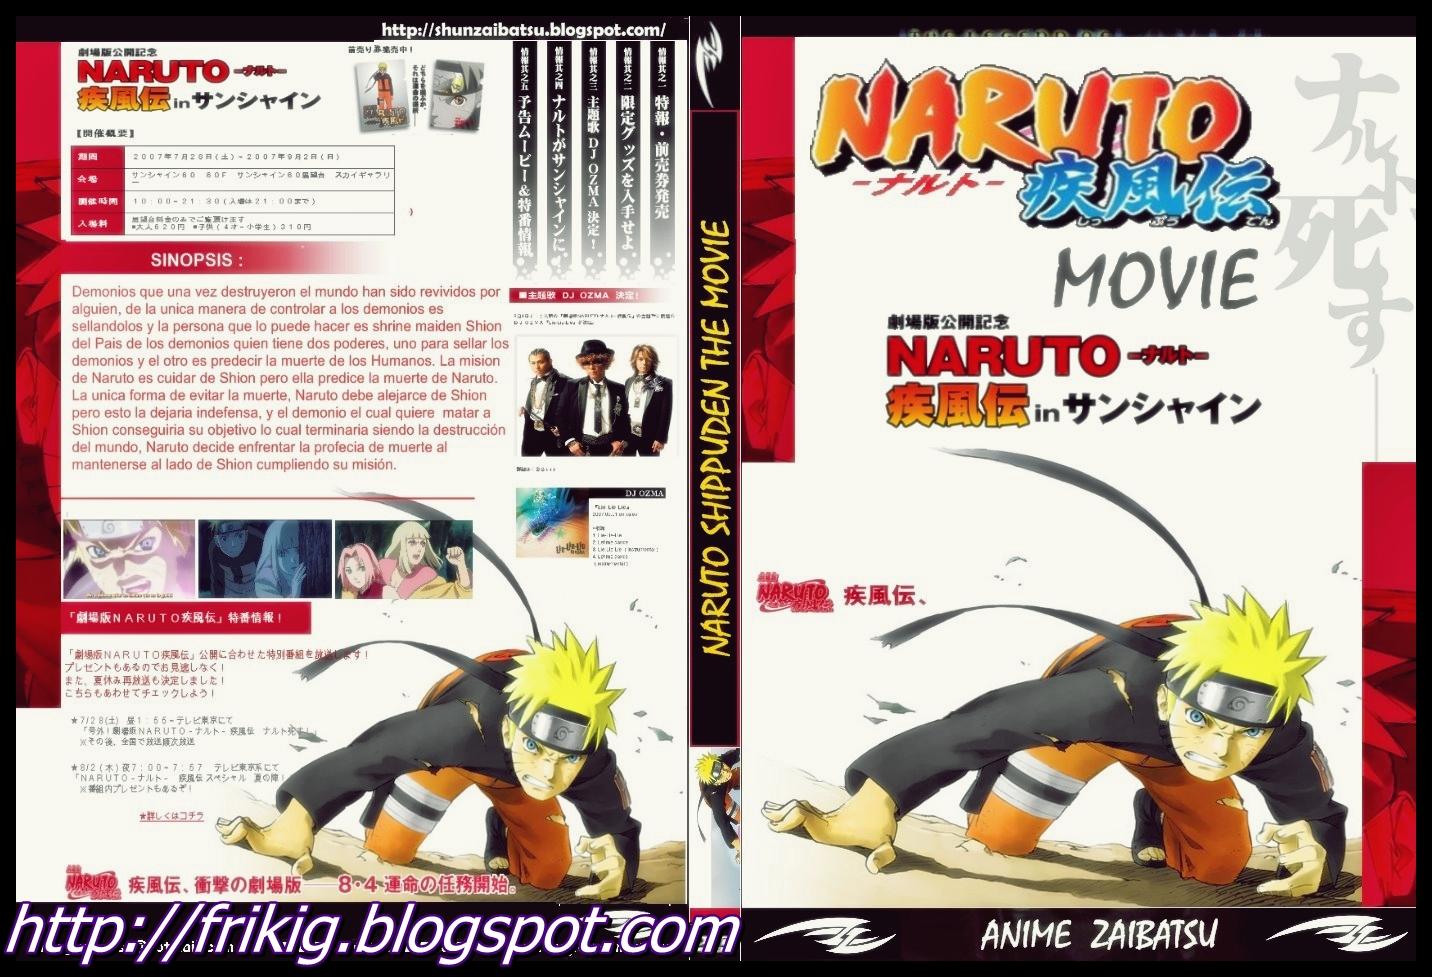 DVDRip  Descargar Saga  Pleta De Pel  Culas De Naruto Shippuden